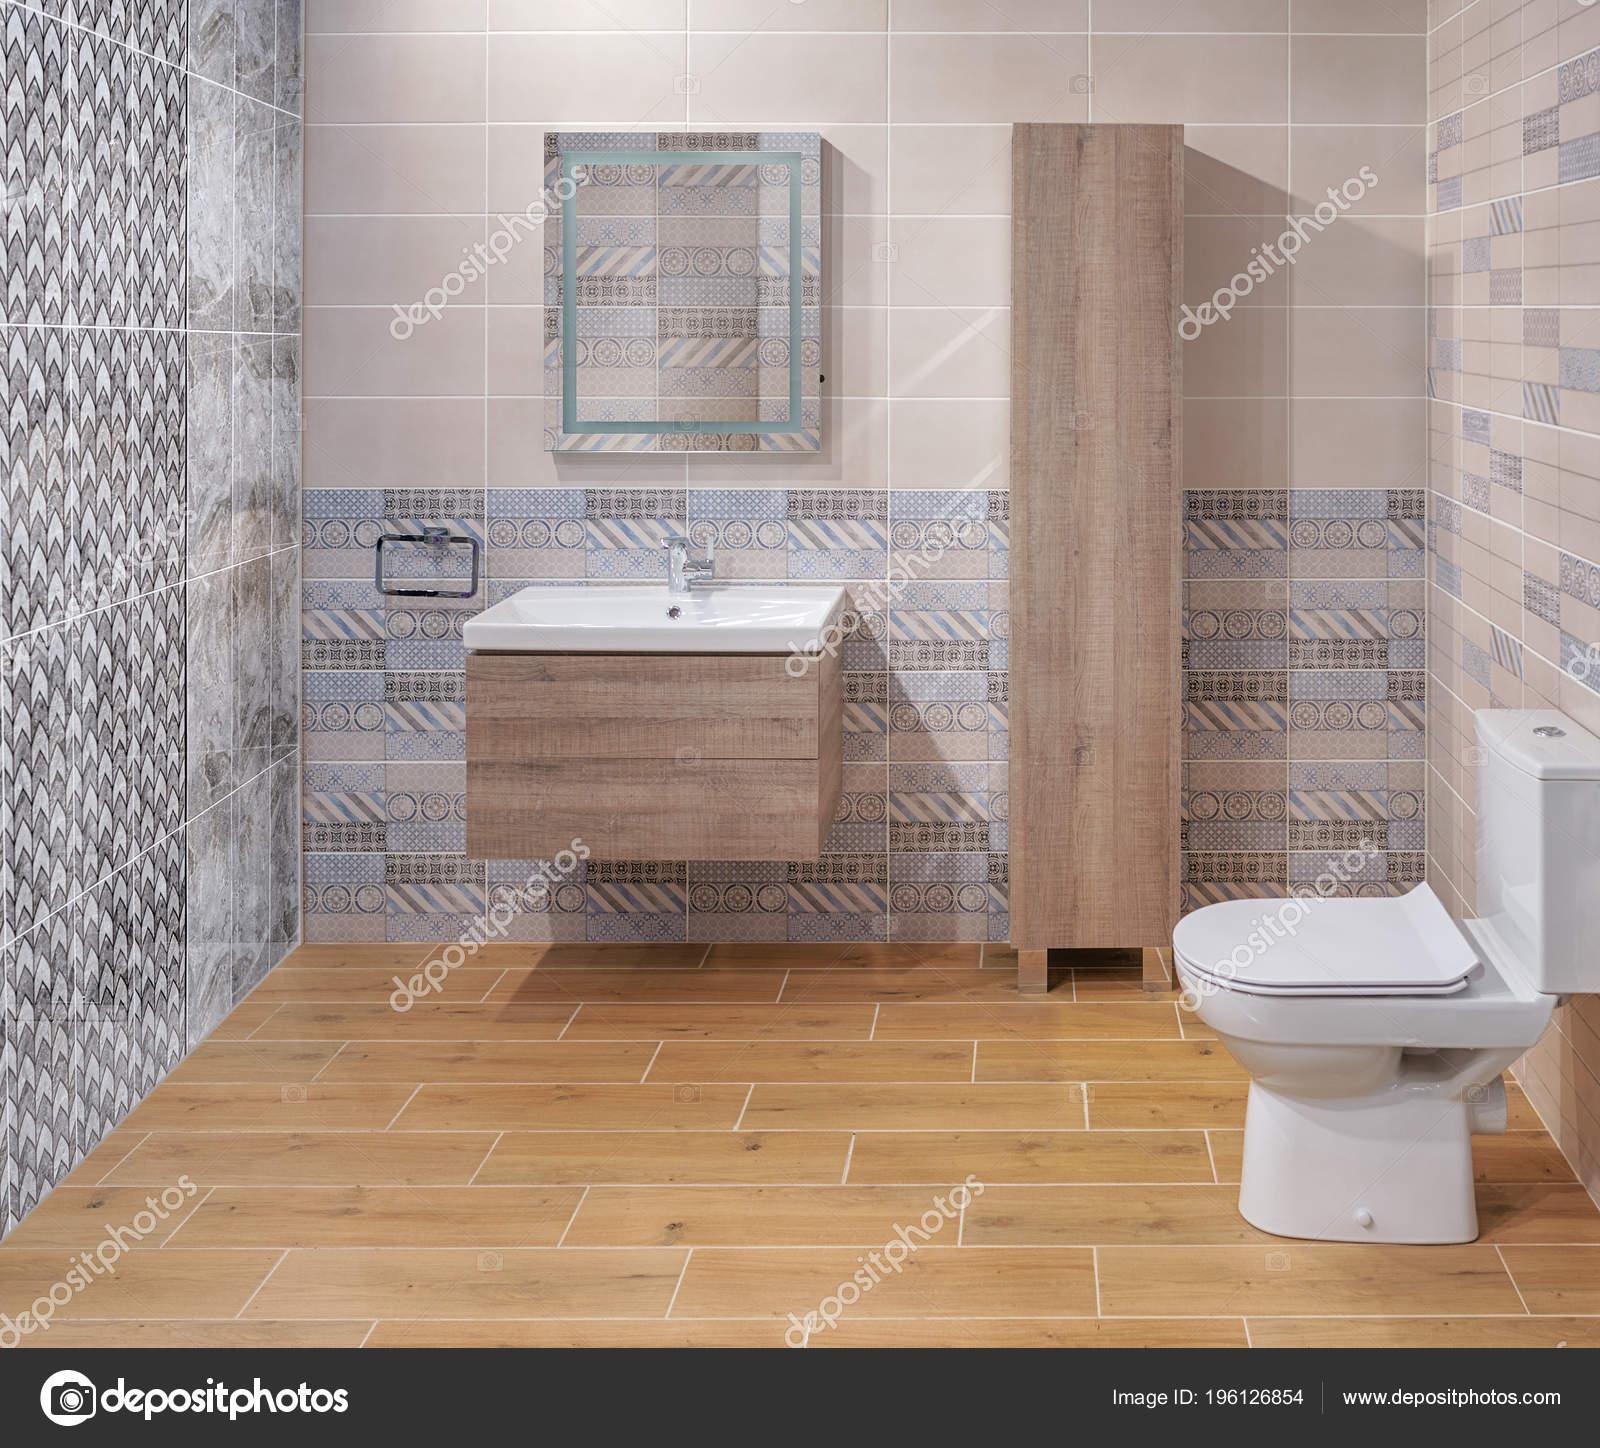 Moderne Badkamer Met Toilet Wastafel Wandbekleding Van Keramische ...